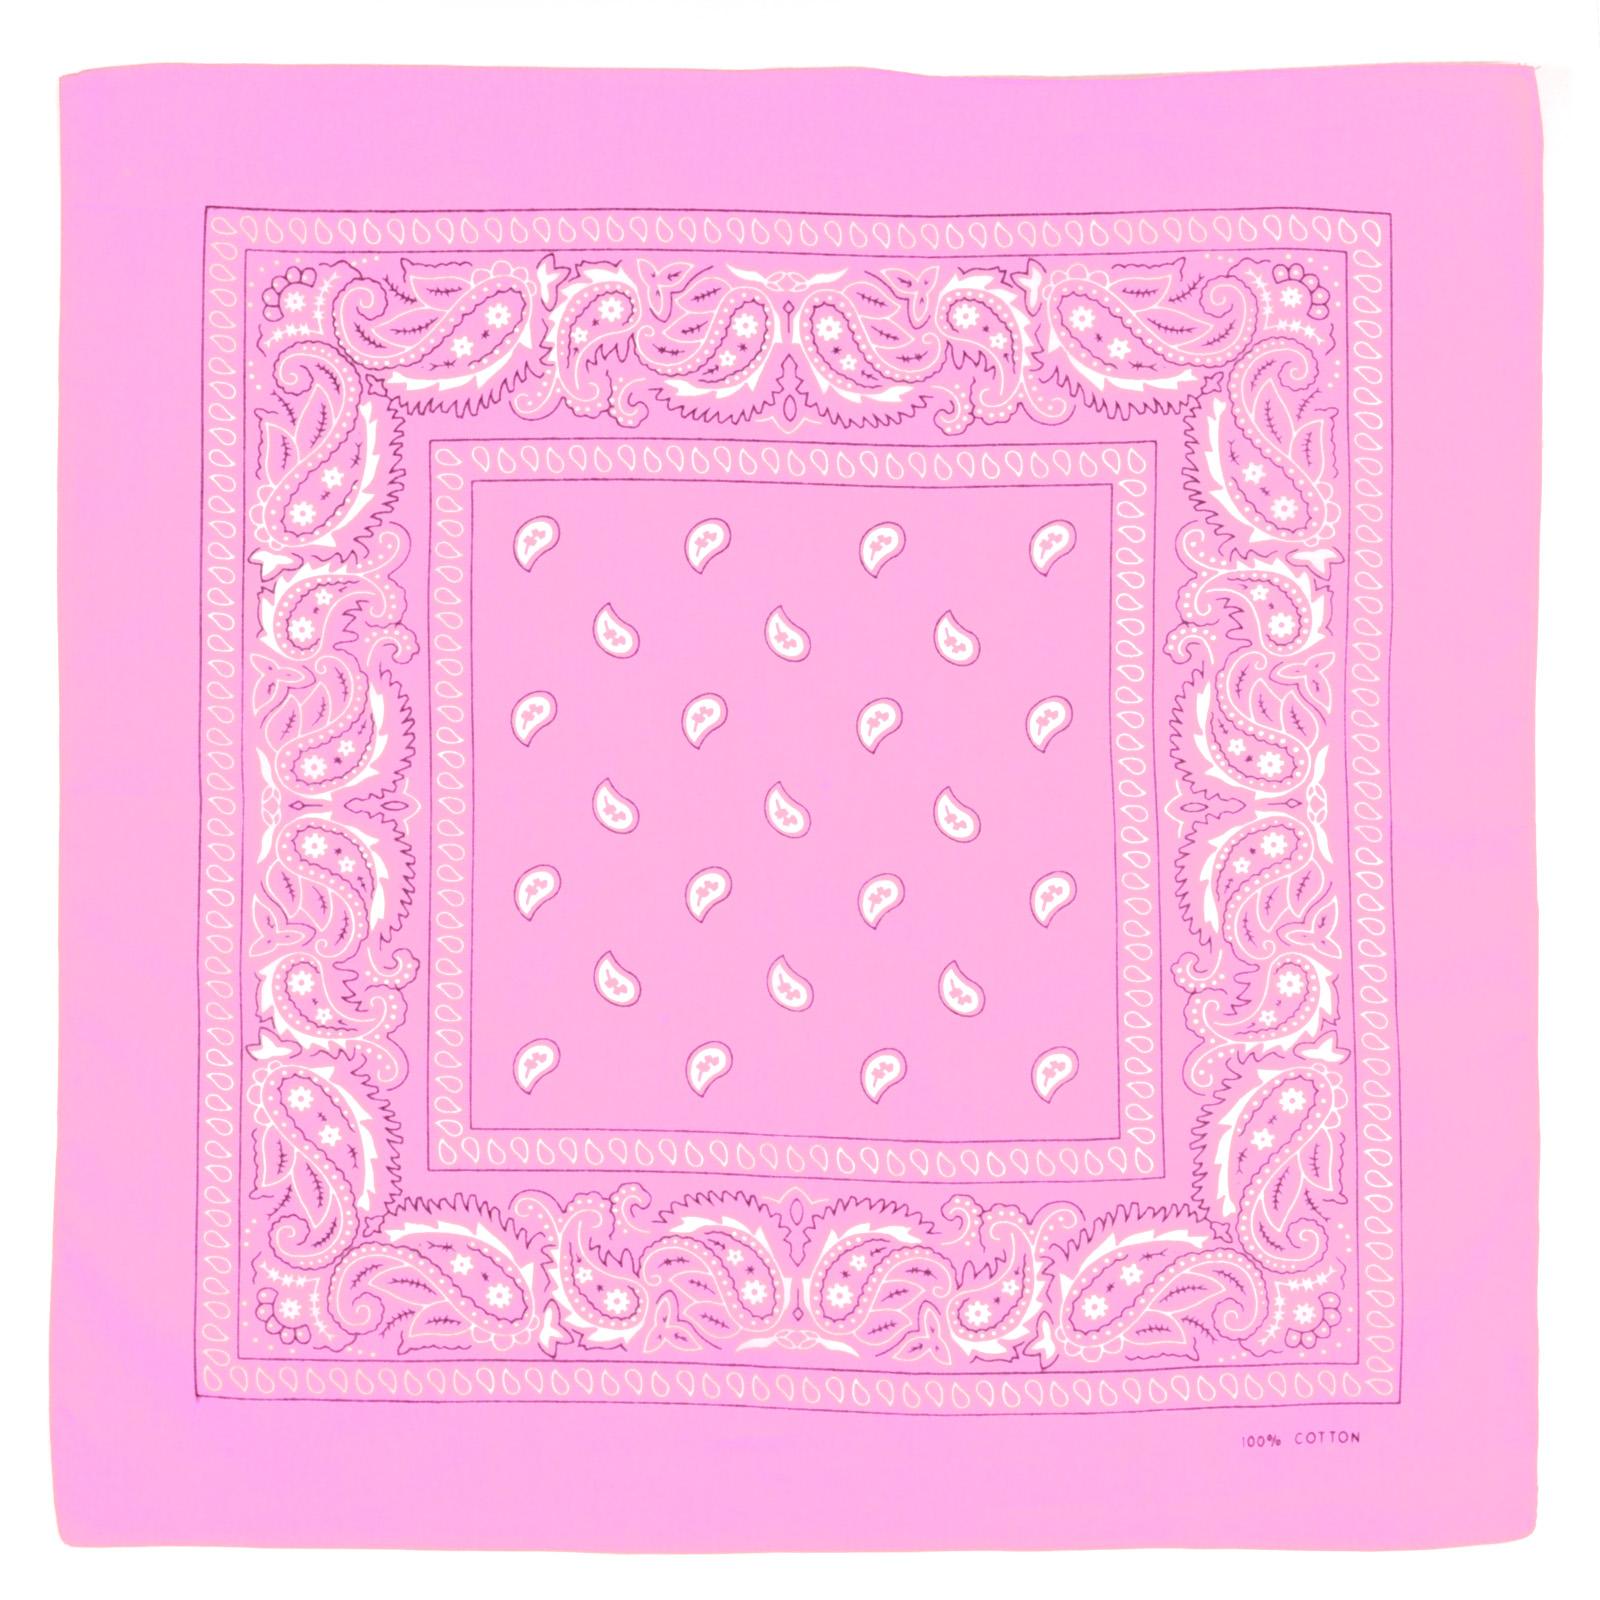 bandana-rose-AT-00145-A16